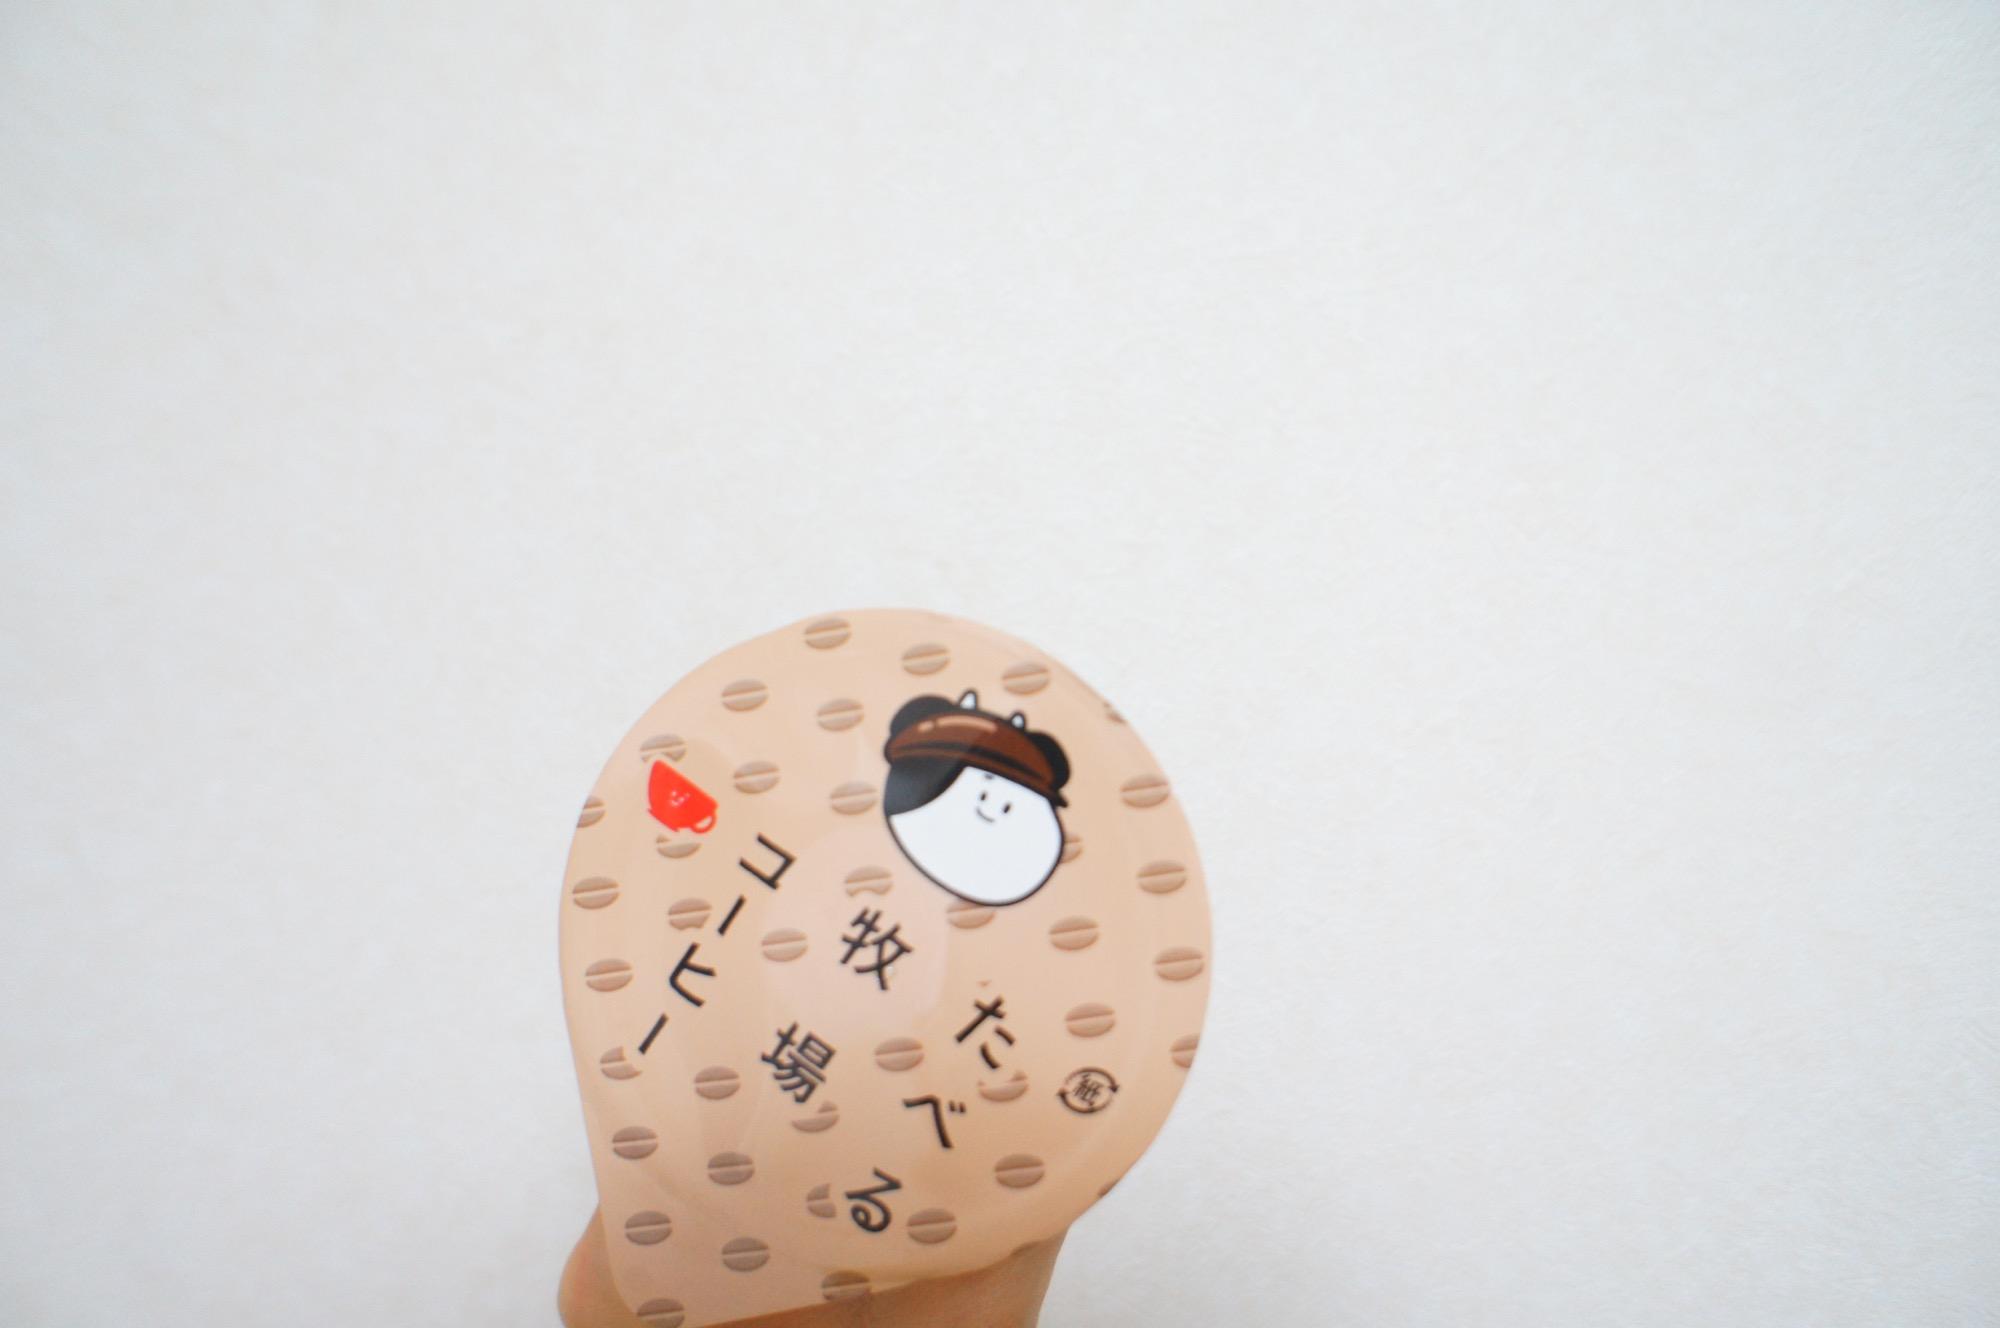 《大人気シリーズ新作❤️》ファミマ【たべぼく】にコーヒー味が登場☻!_2